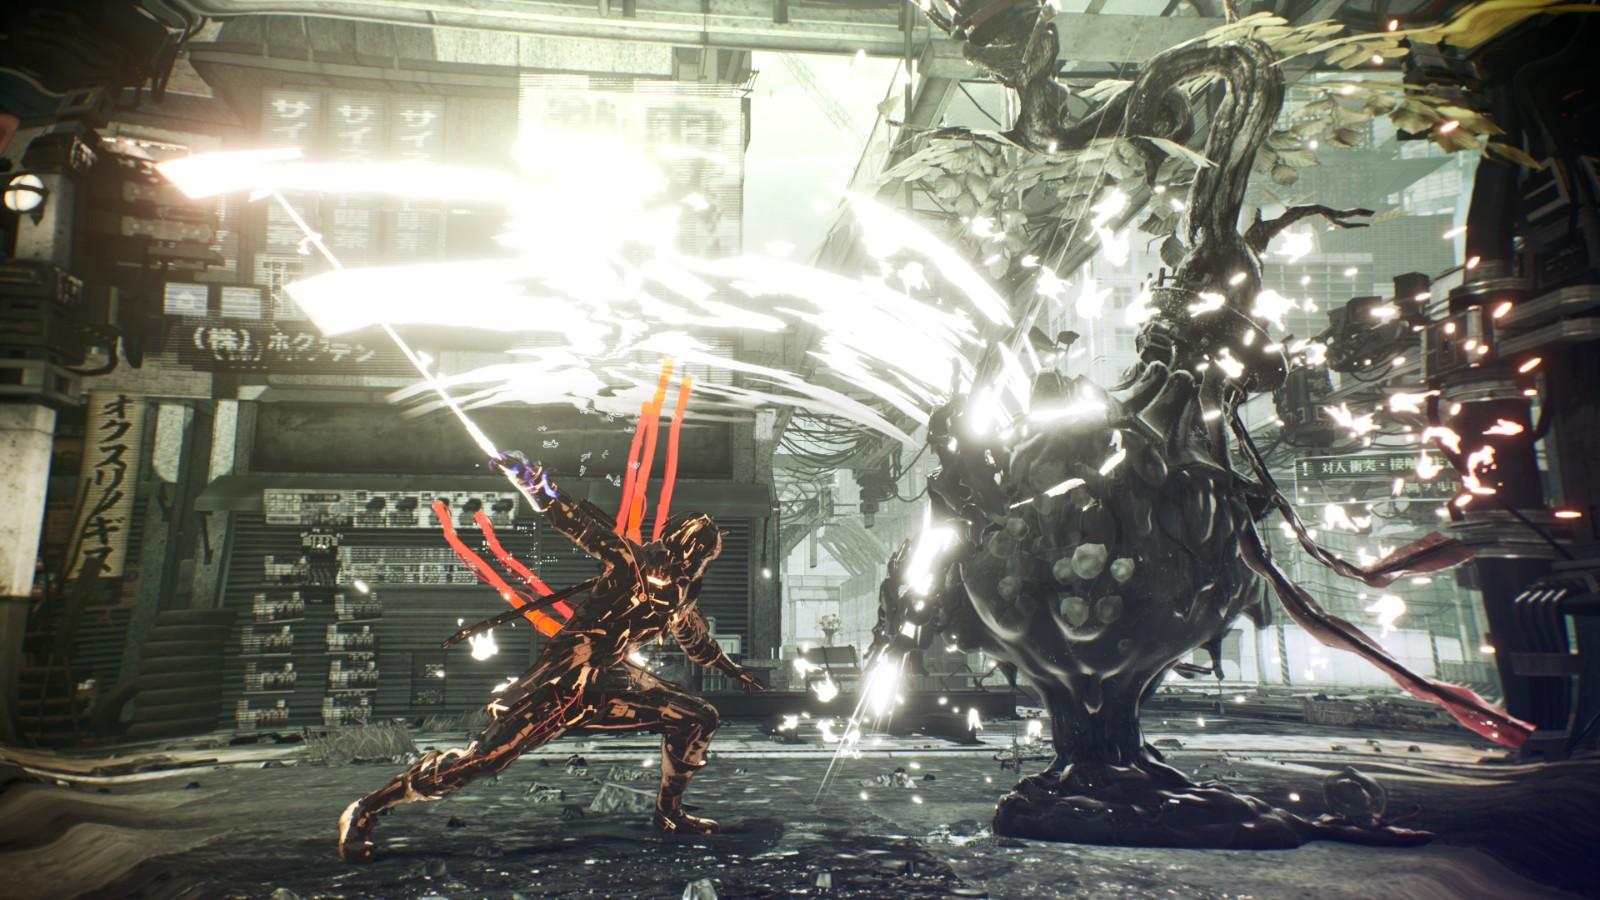 《绯红结系》公布新截图 展示了游戏角色和技能等内容 游戏资讯 第1张